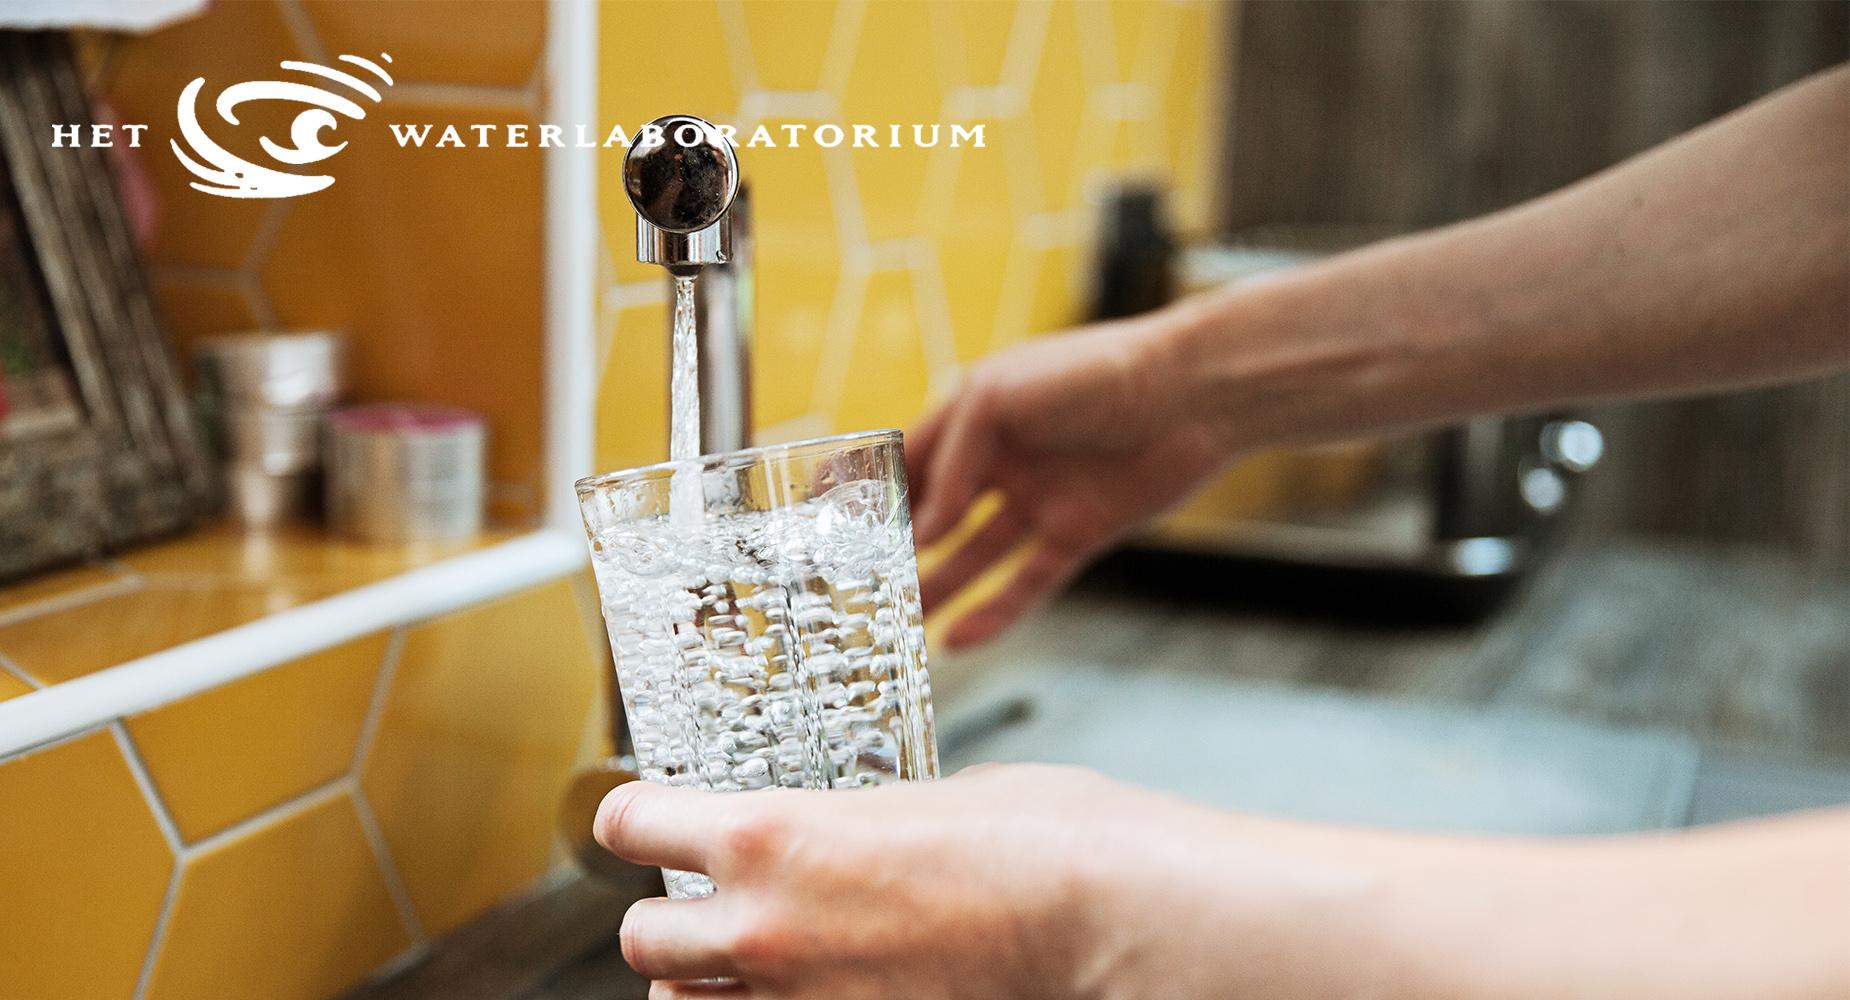 Het waterlab